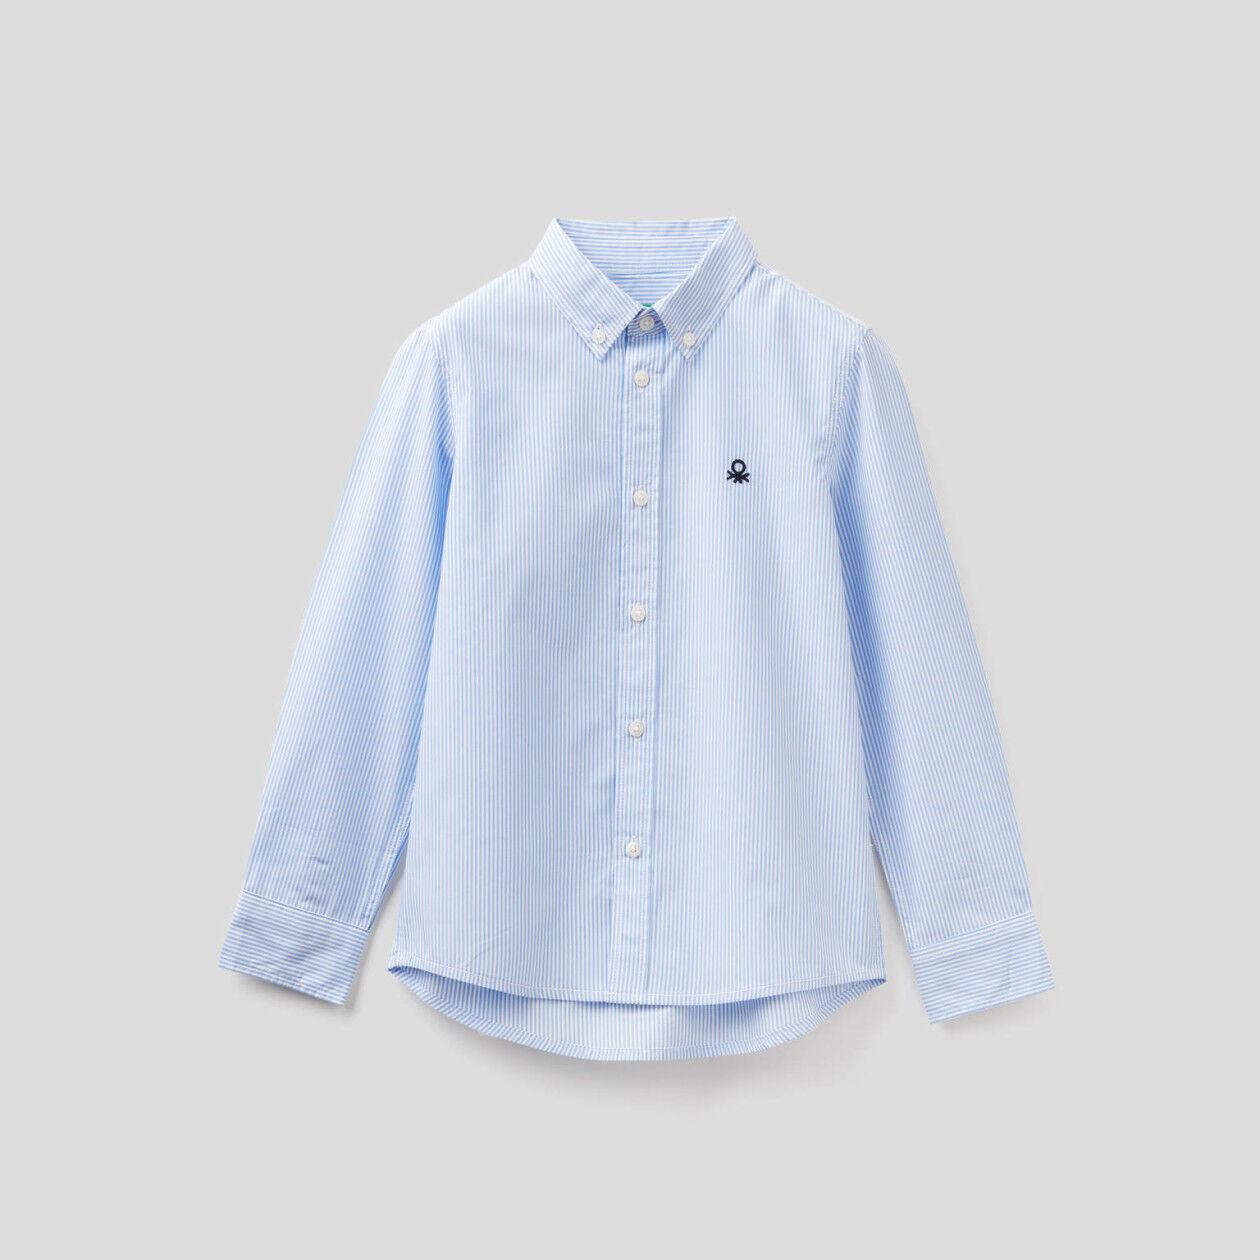 Camicia sportiva a righe in puro cotone